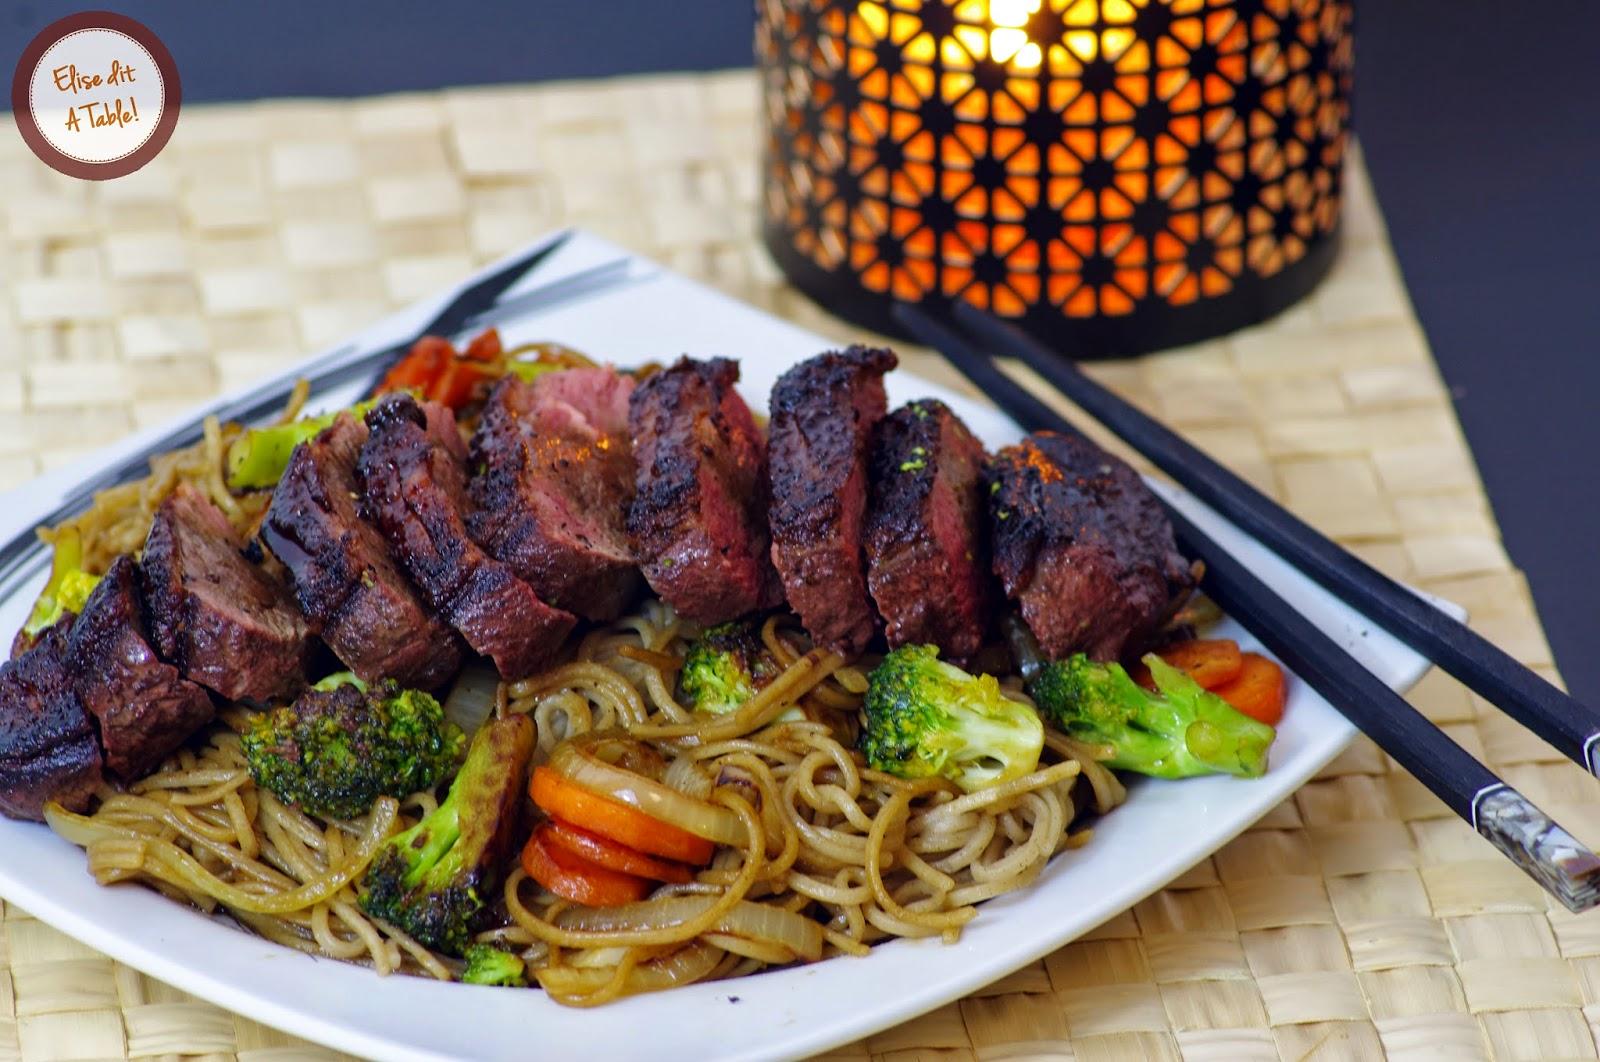 Recette Recettes asiatiques - Blog cuisine